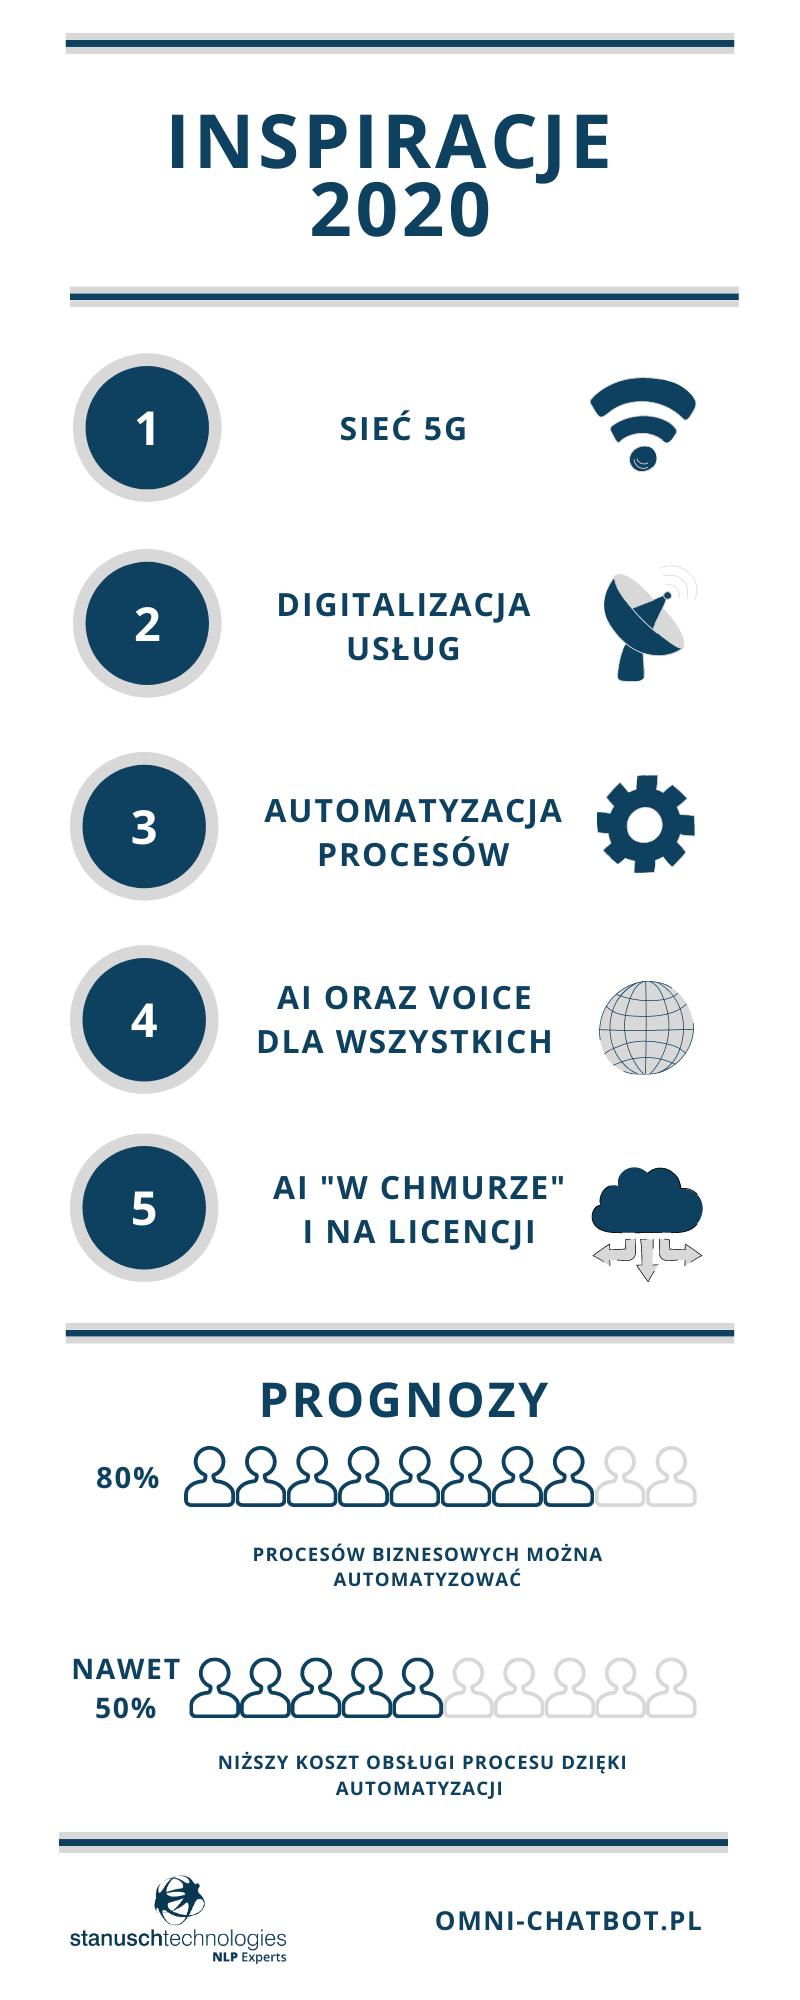 trendy technologiczne na 2020 voice i sztuczna inteligencja